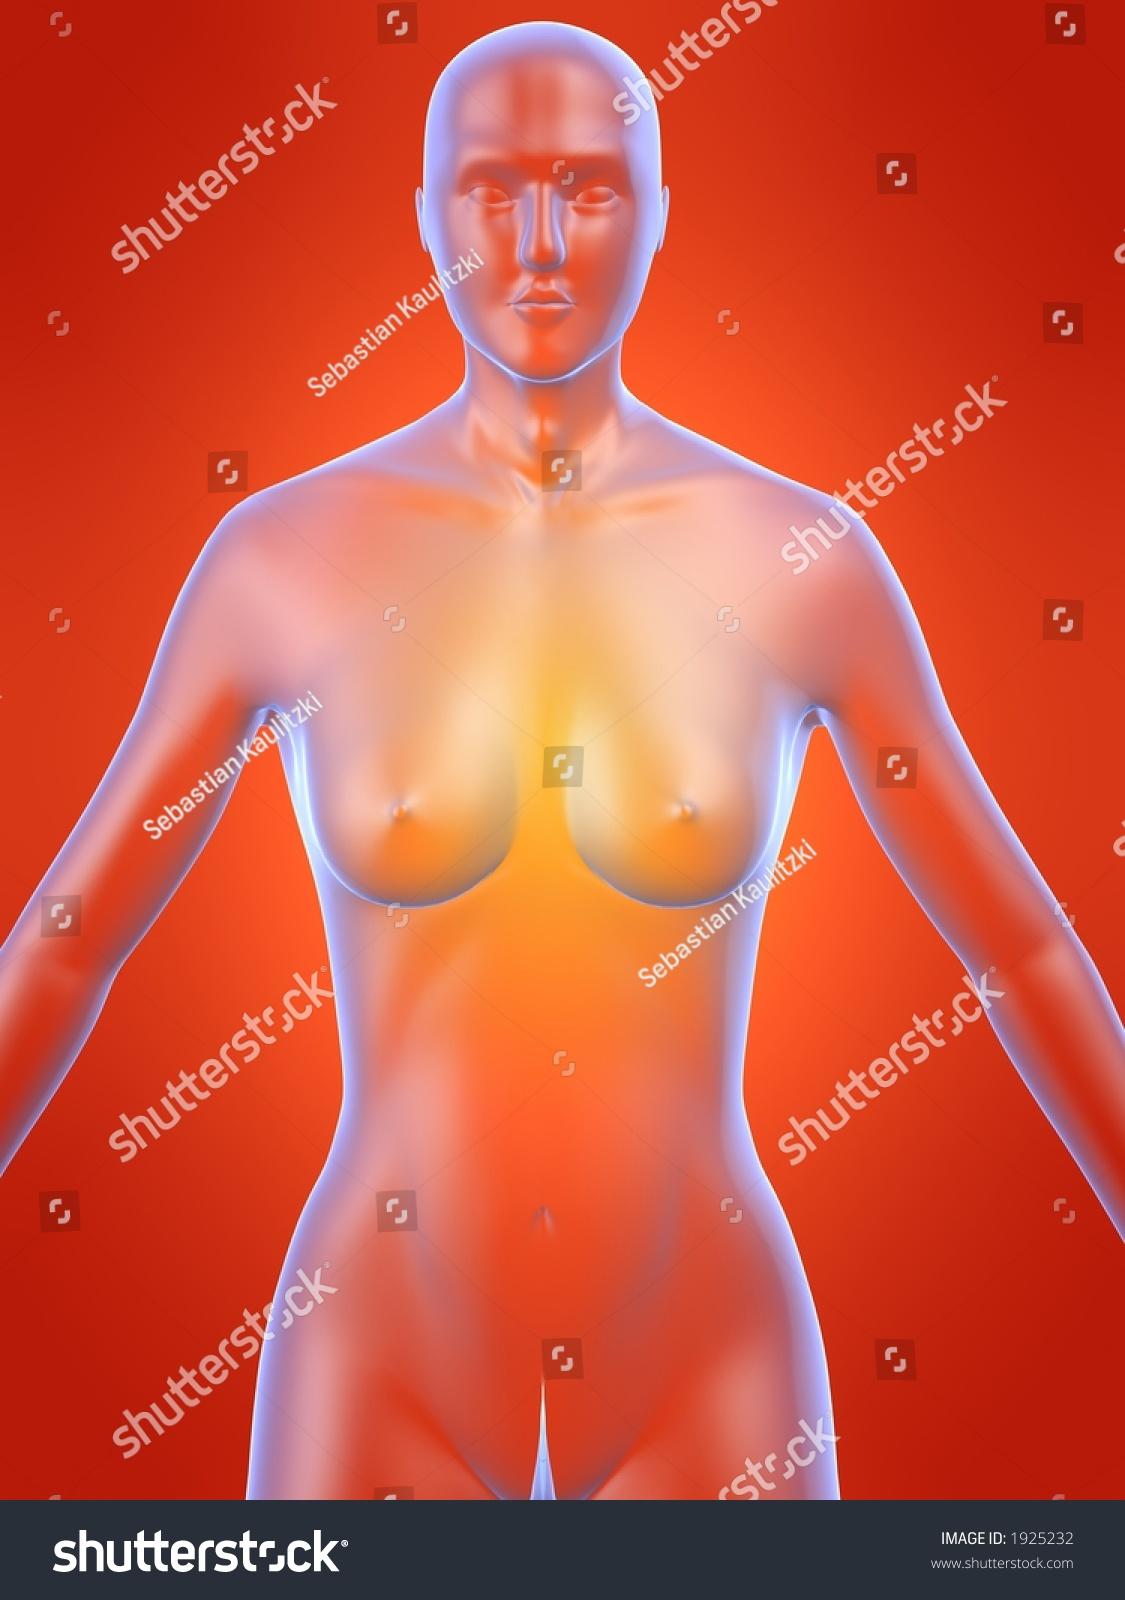 Female Anatomy Model Stock Illustration 1925232 Shutterstock